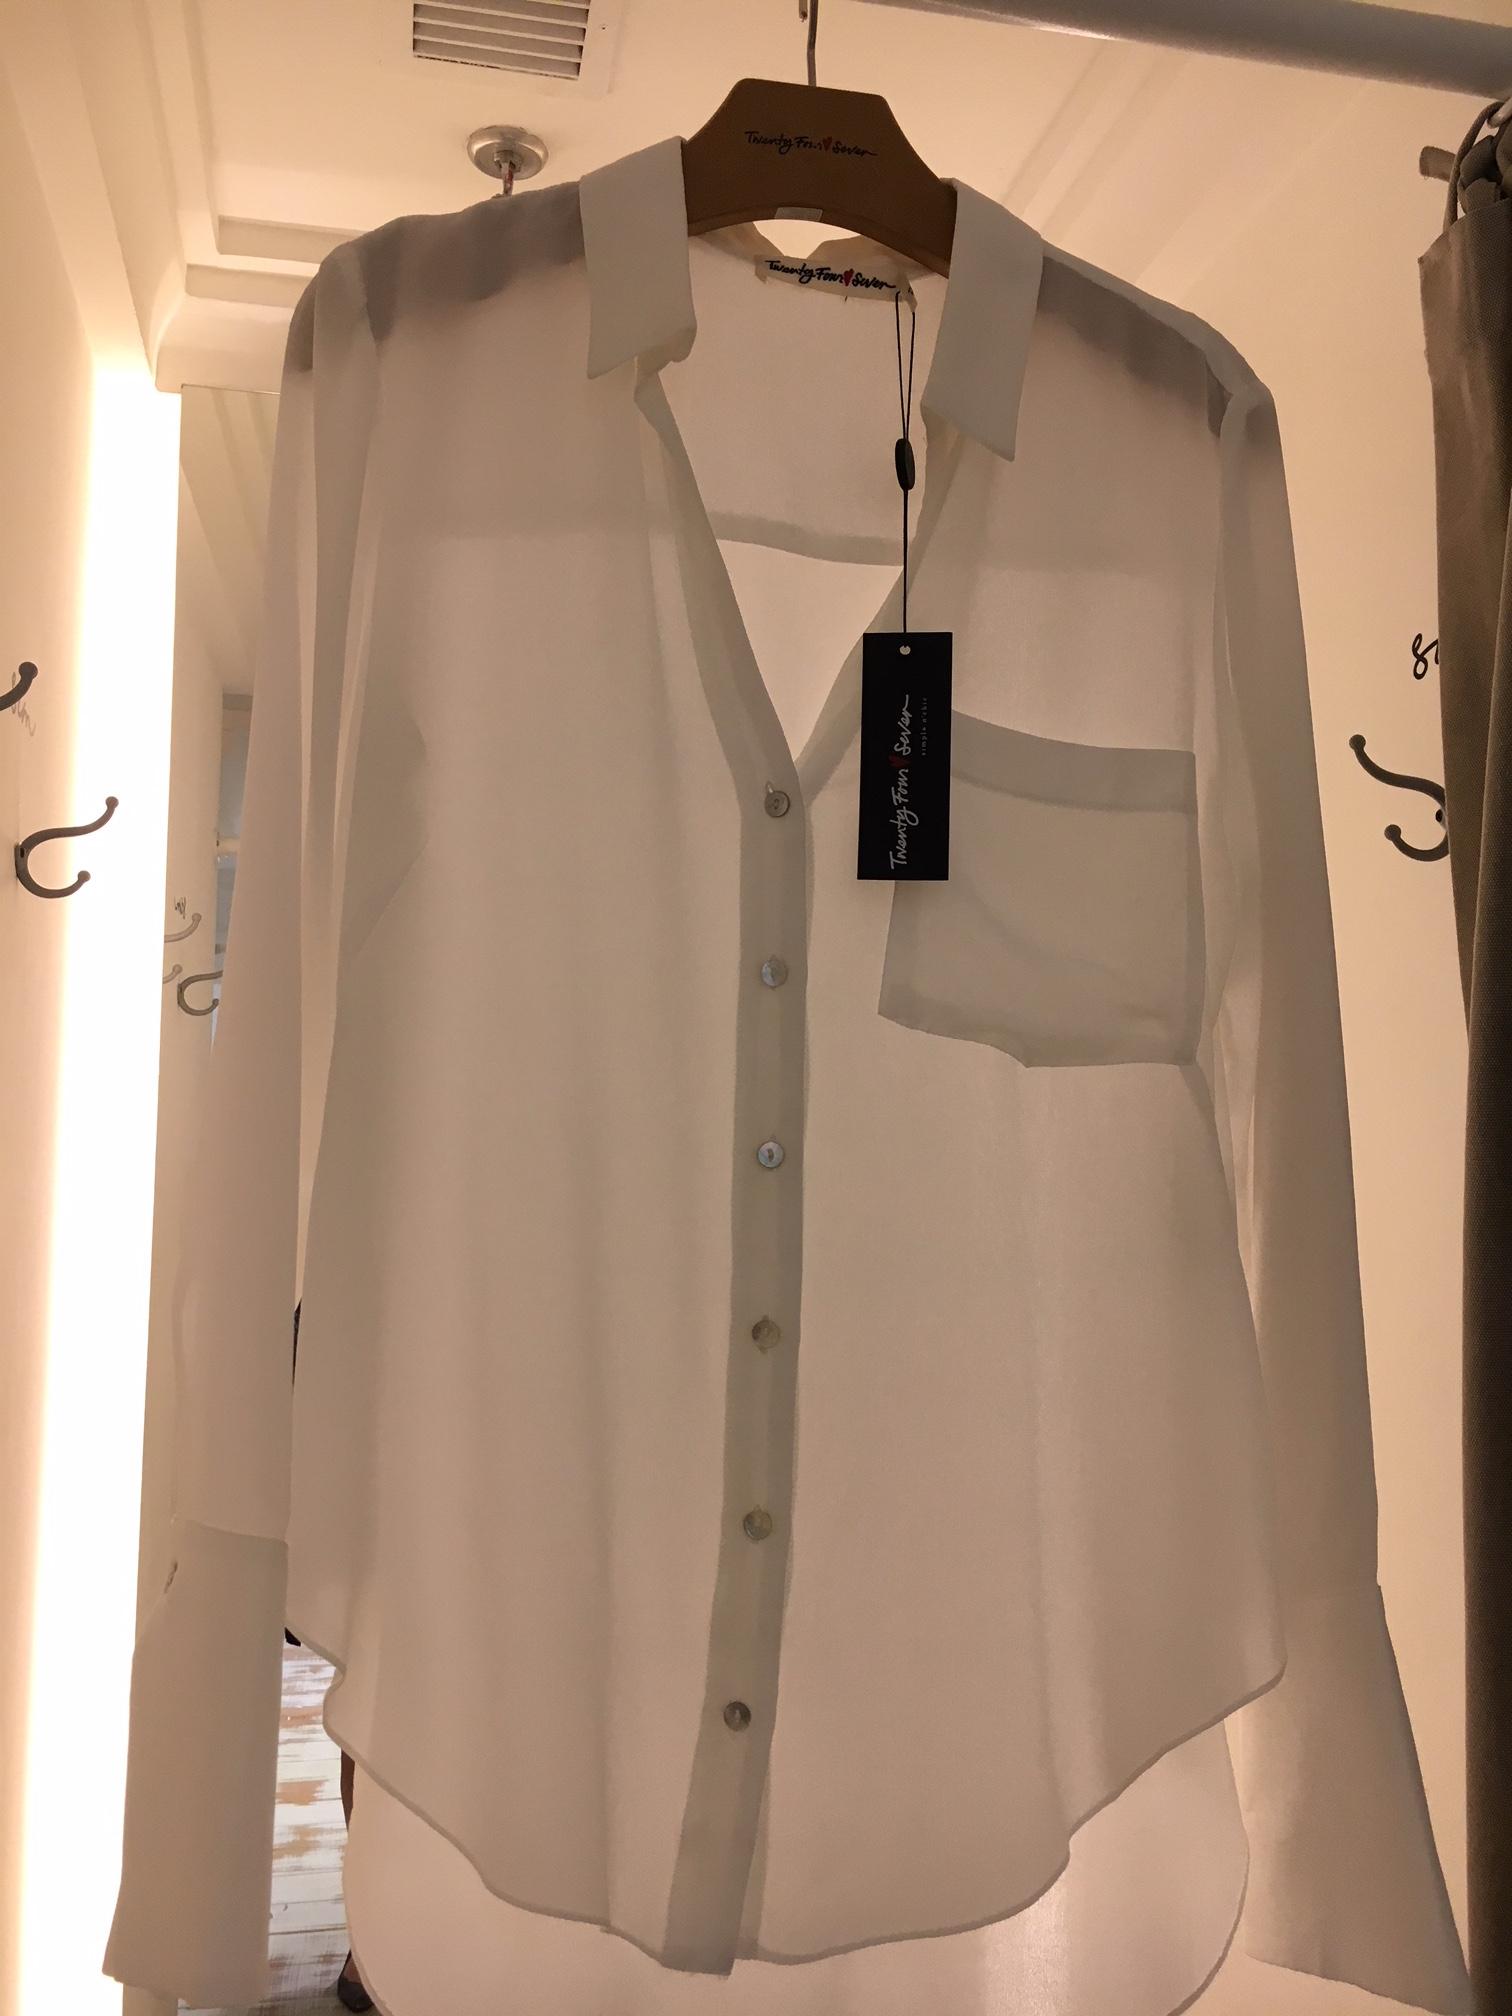 tfs-dez-camisa-seda-branca